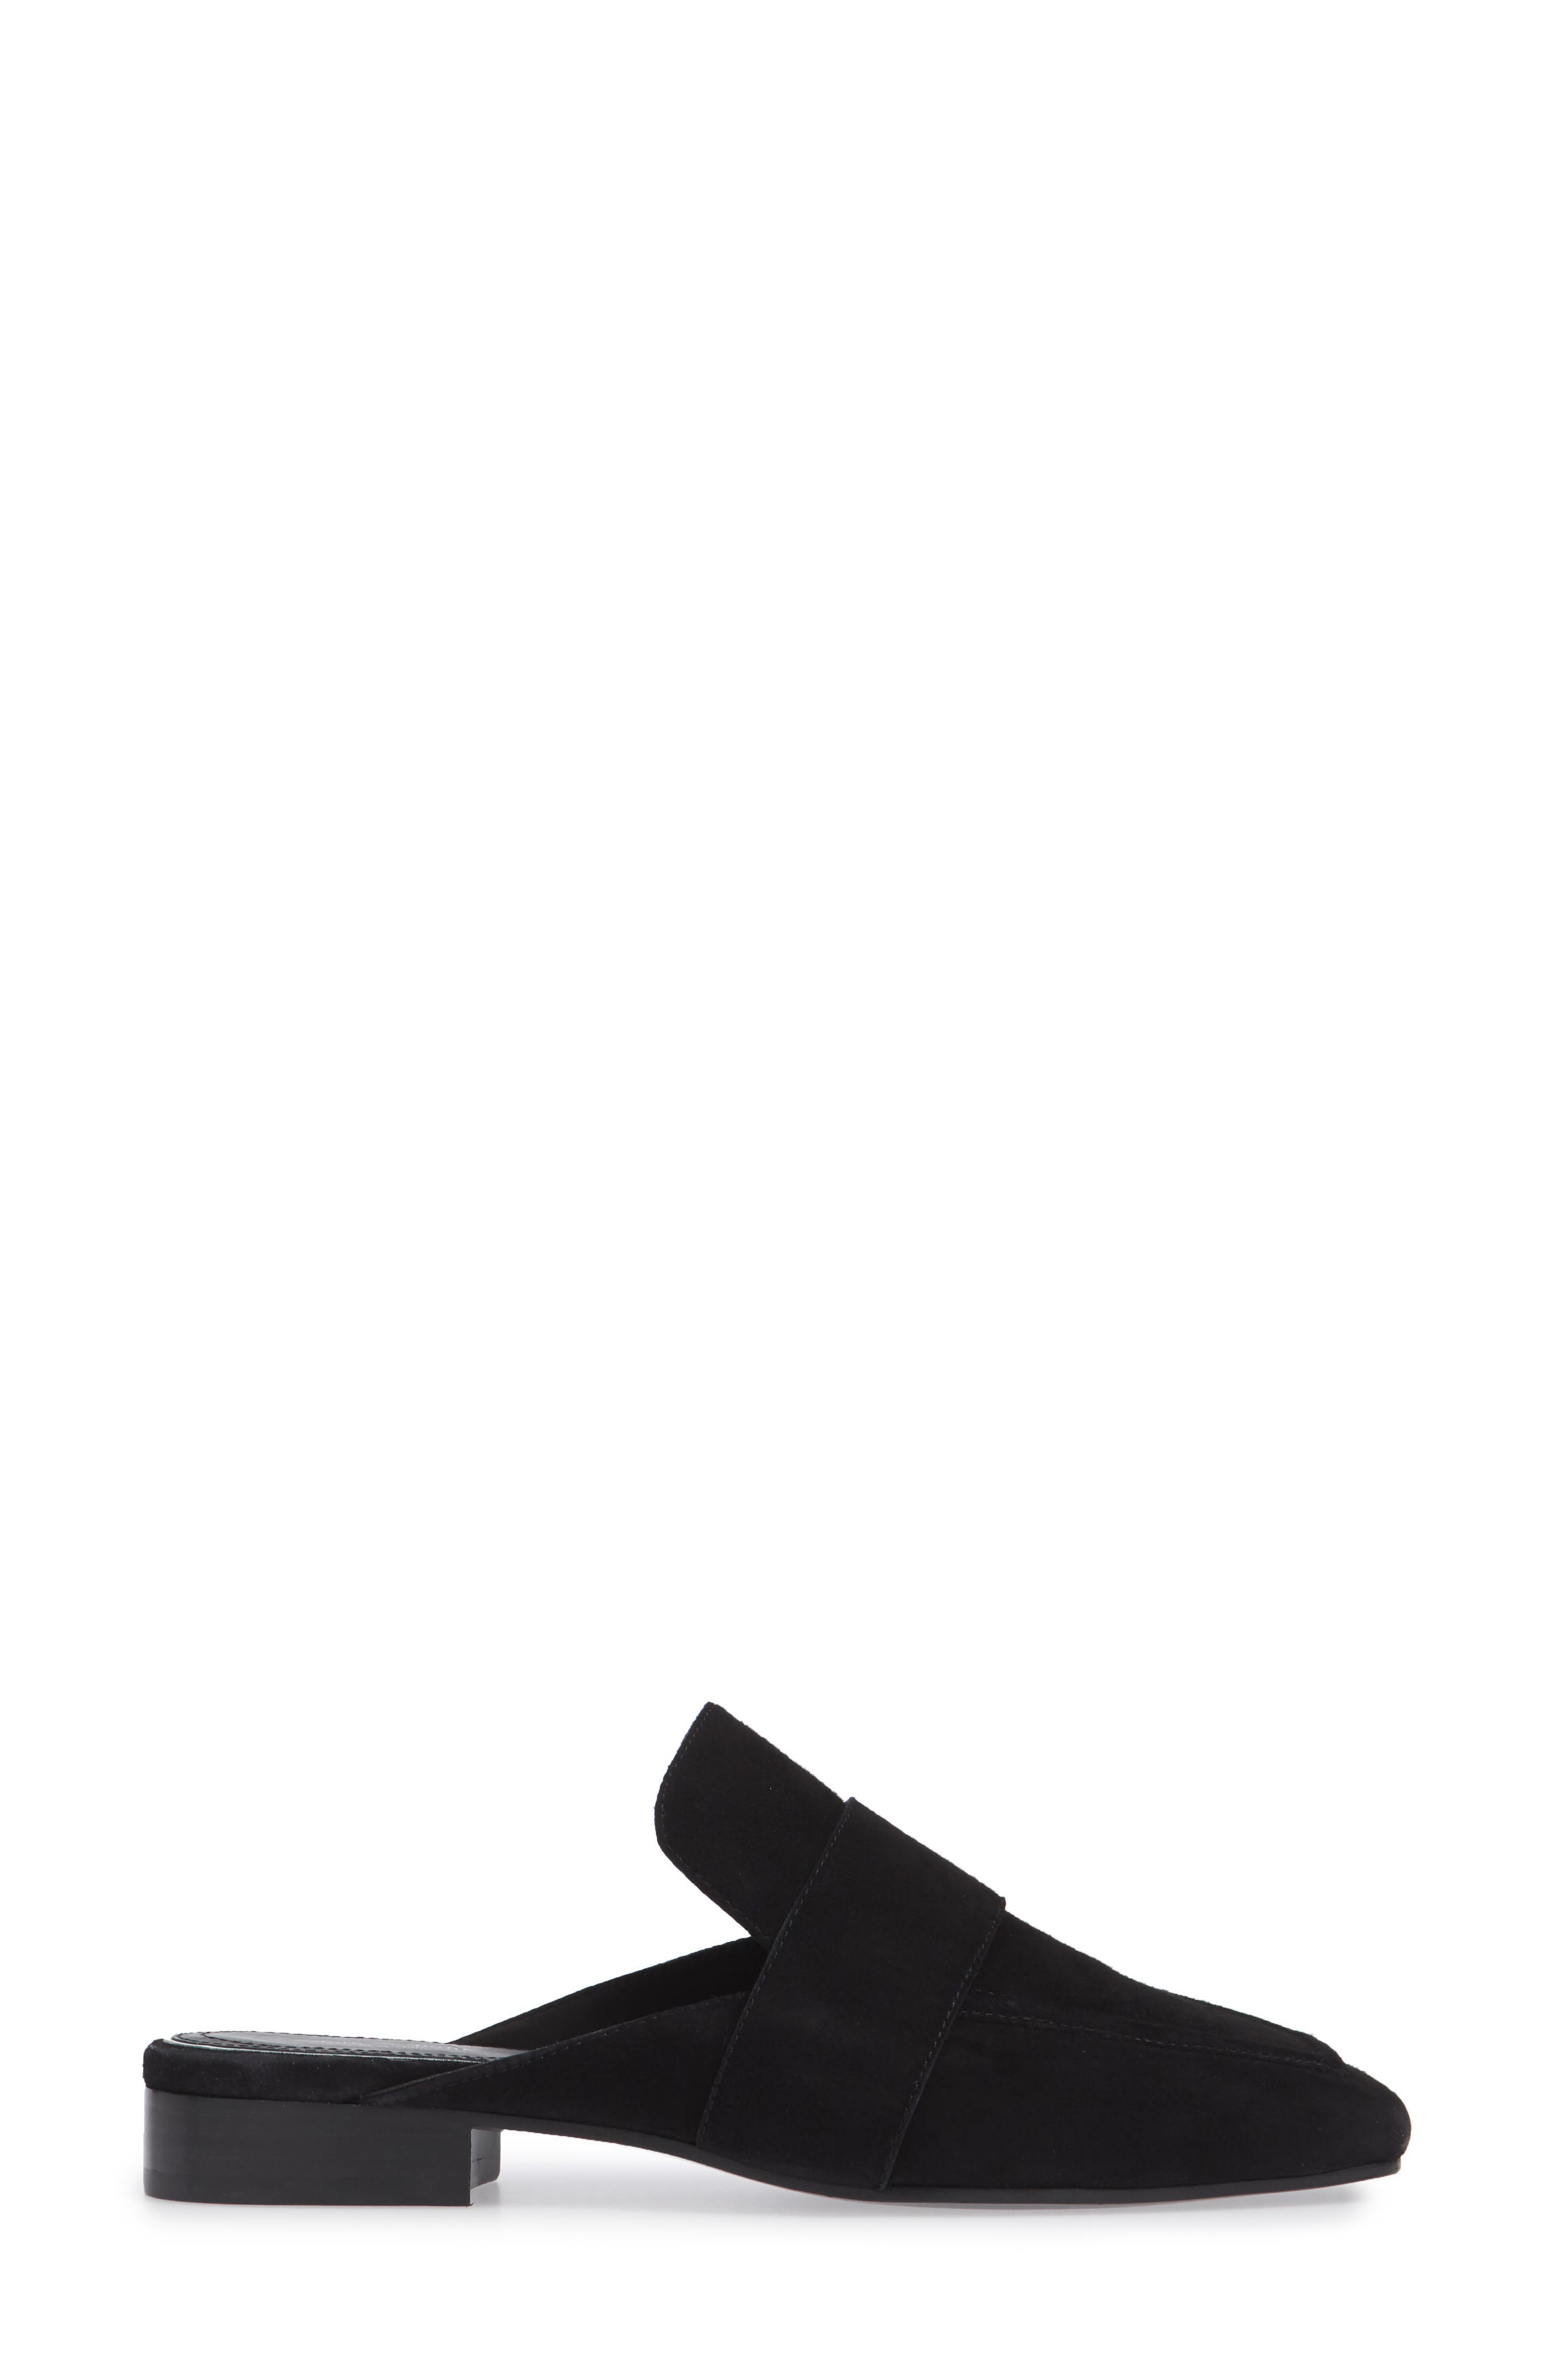 Aslen Loafer Mule,                             Alternate thumbnail 3, color,                             008